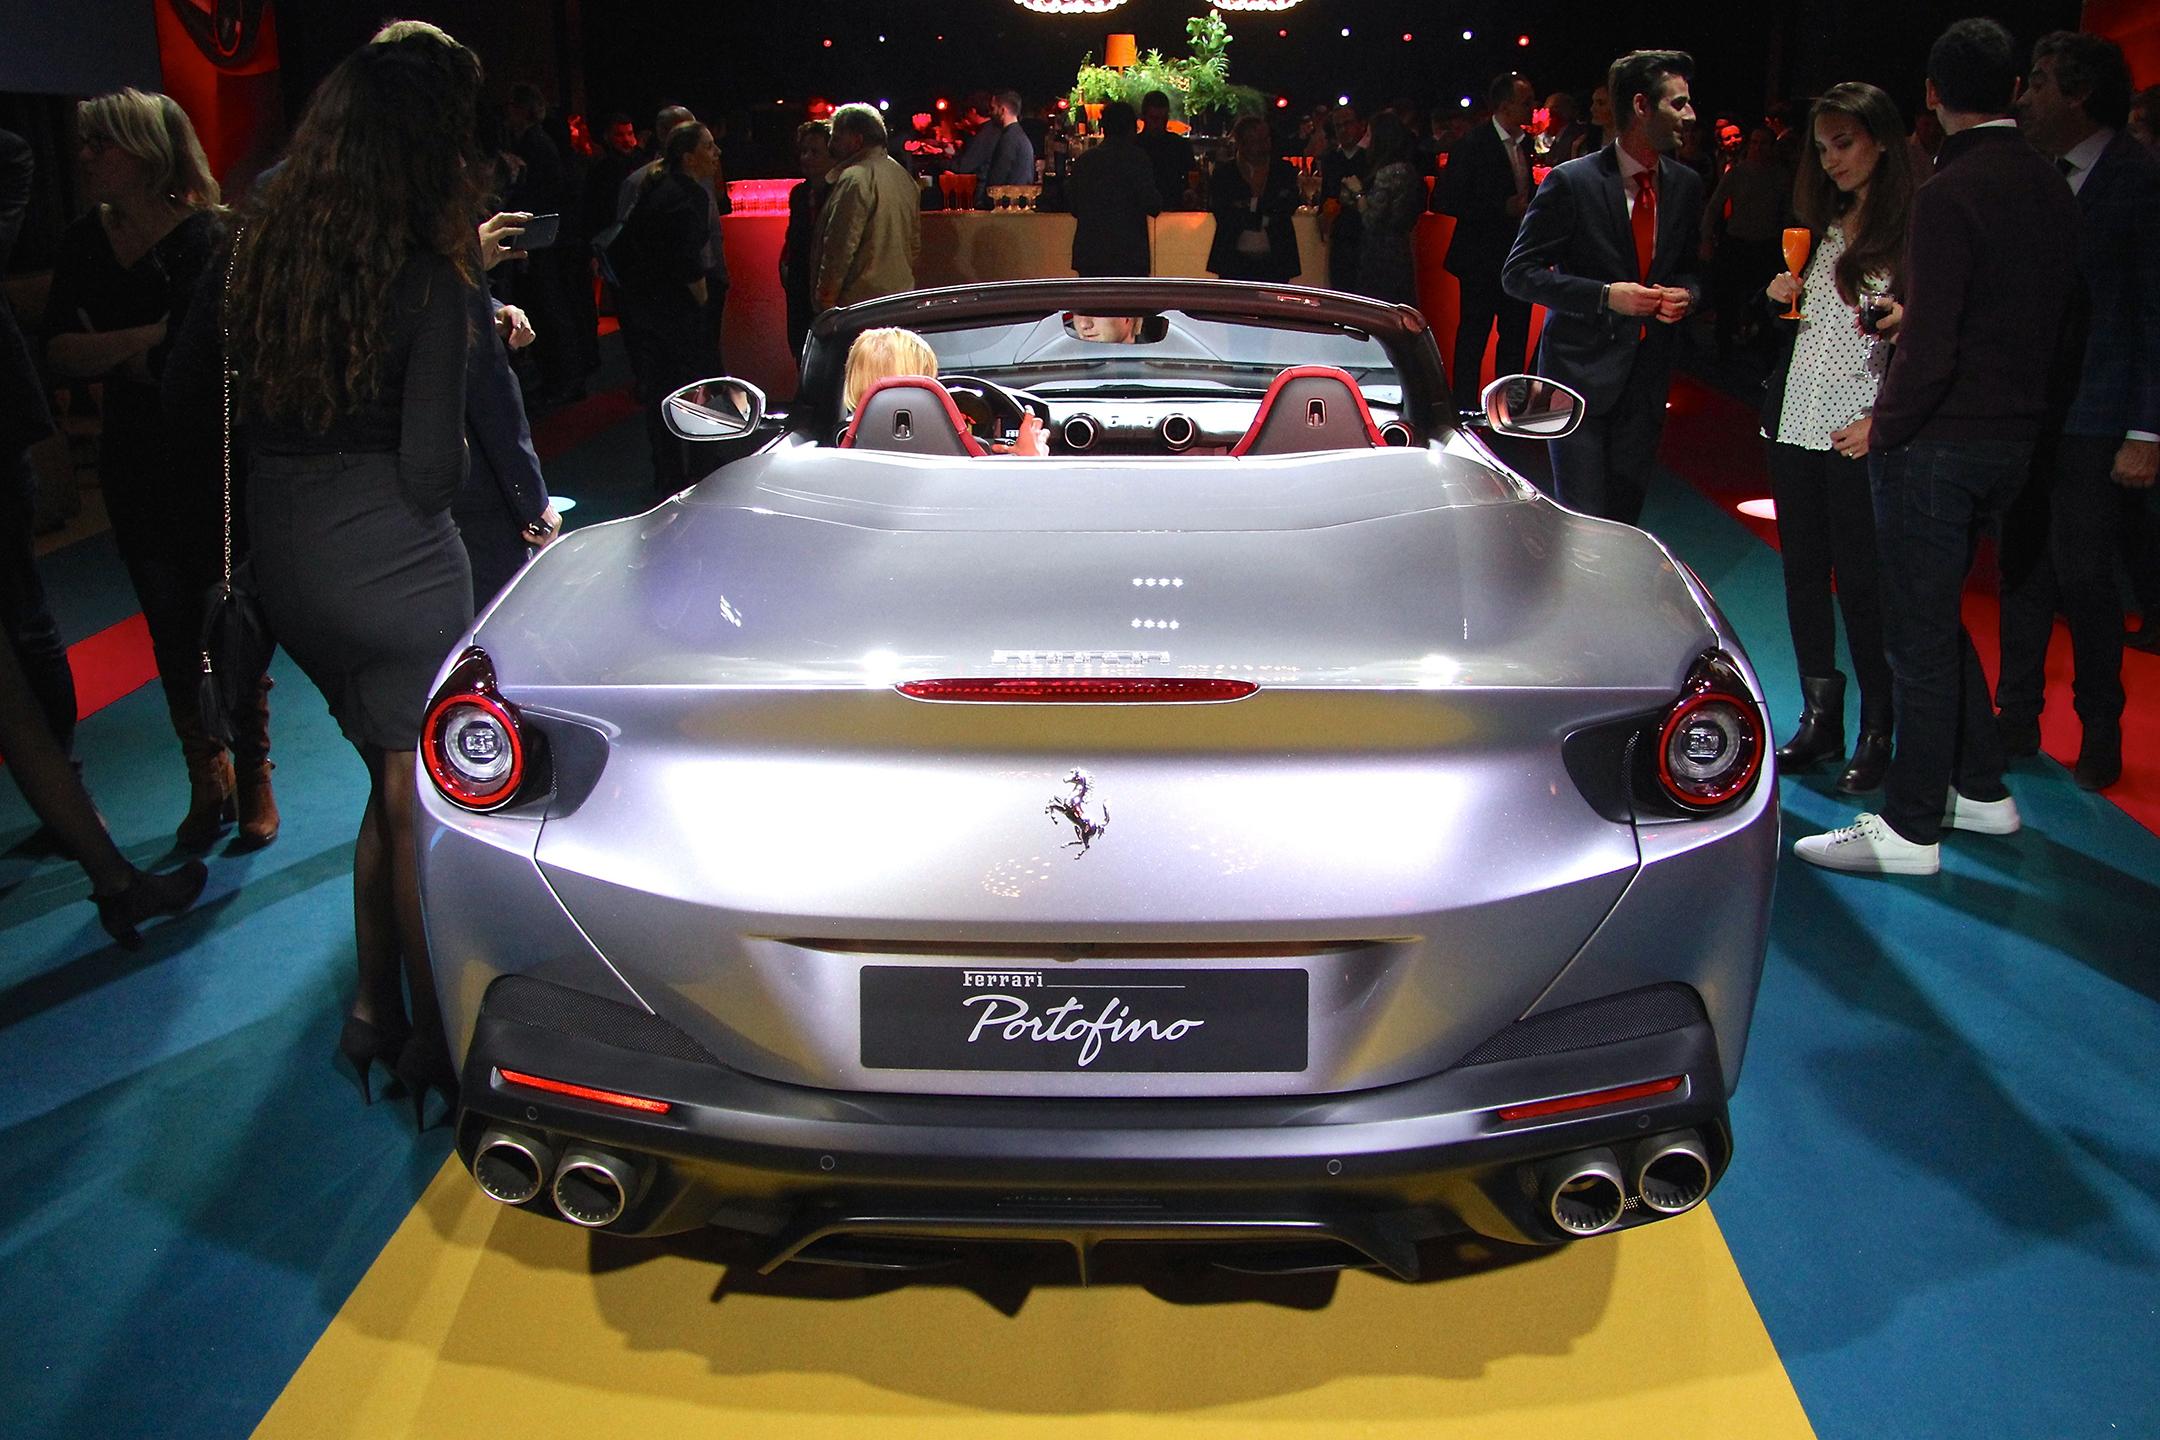 Ferrari Portofino - 2017 - rear / arrière - open top - présentation Ferrari France - photo Ludo Ferrari